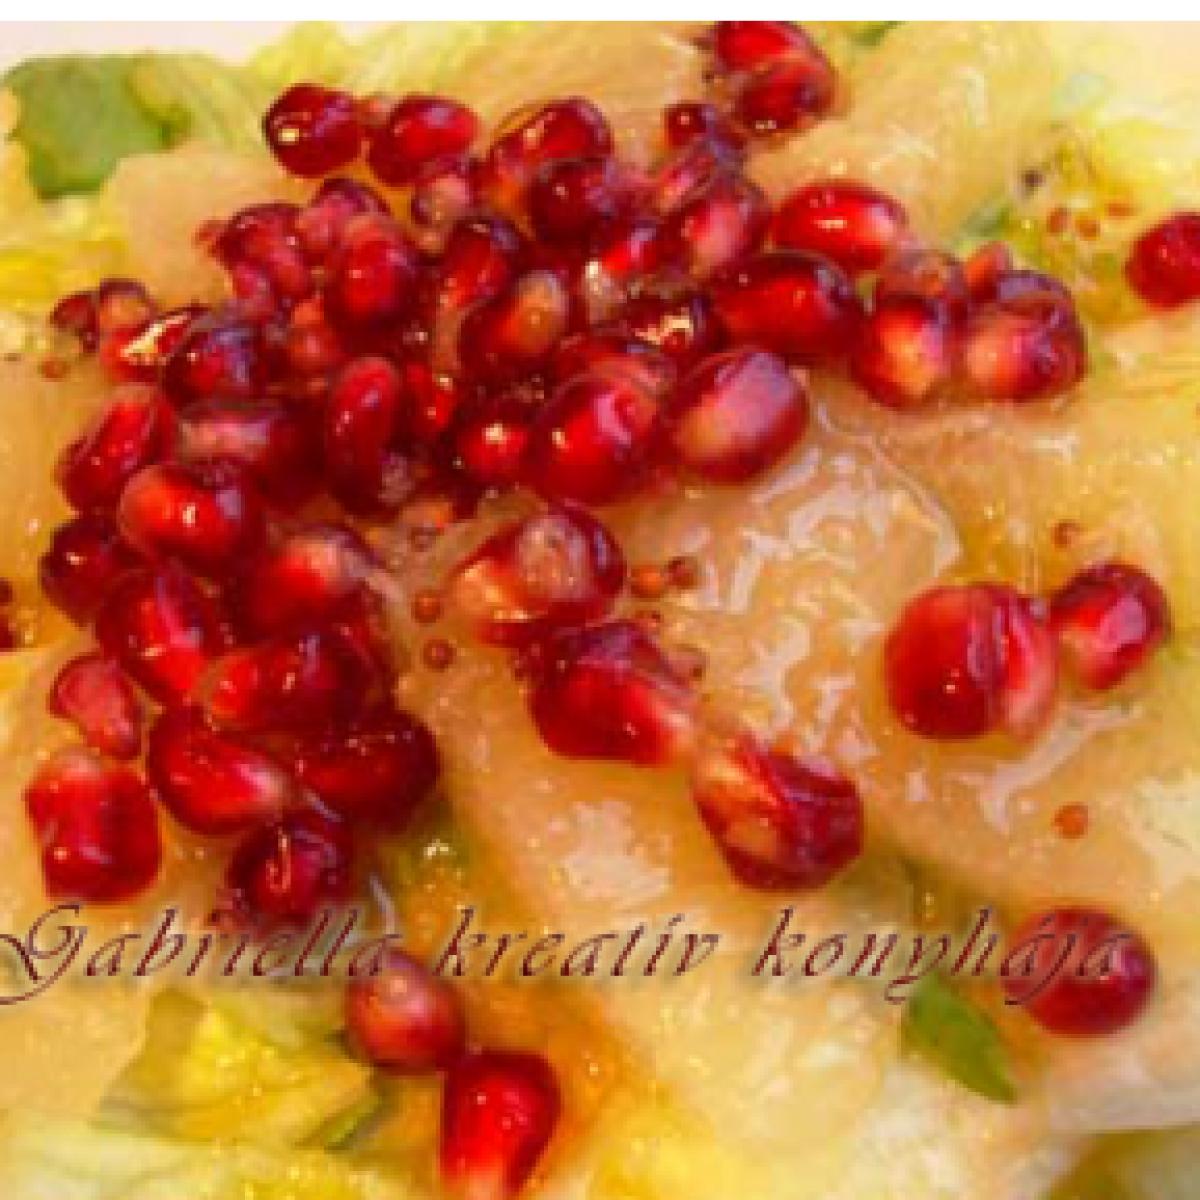 Gránátalmás - grépfrútos saláta